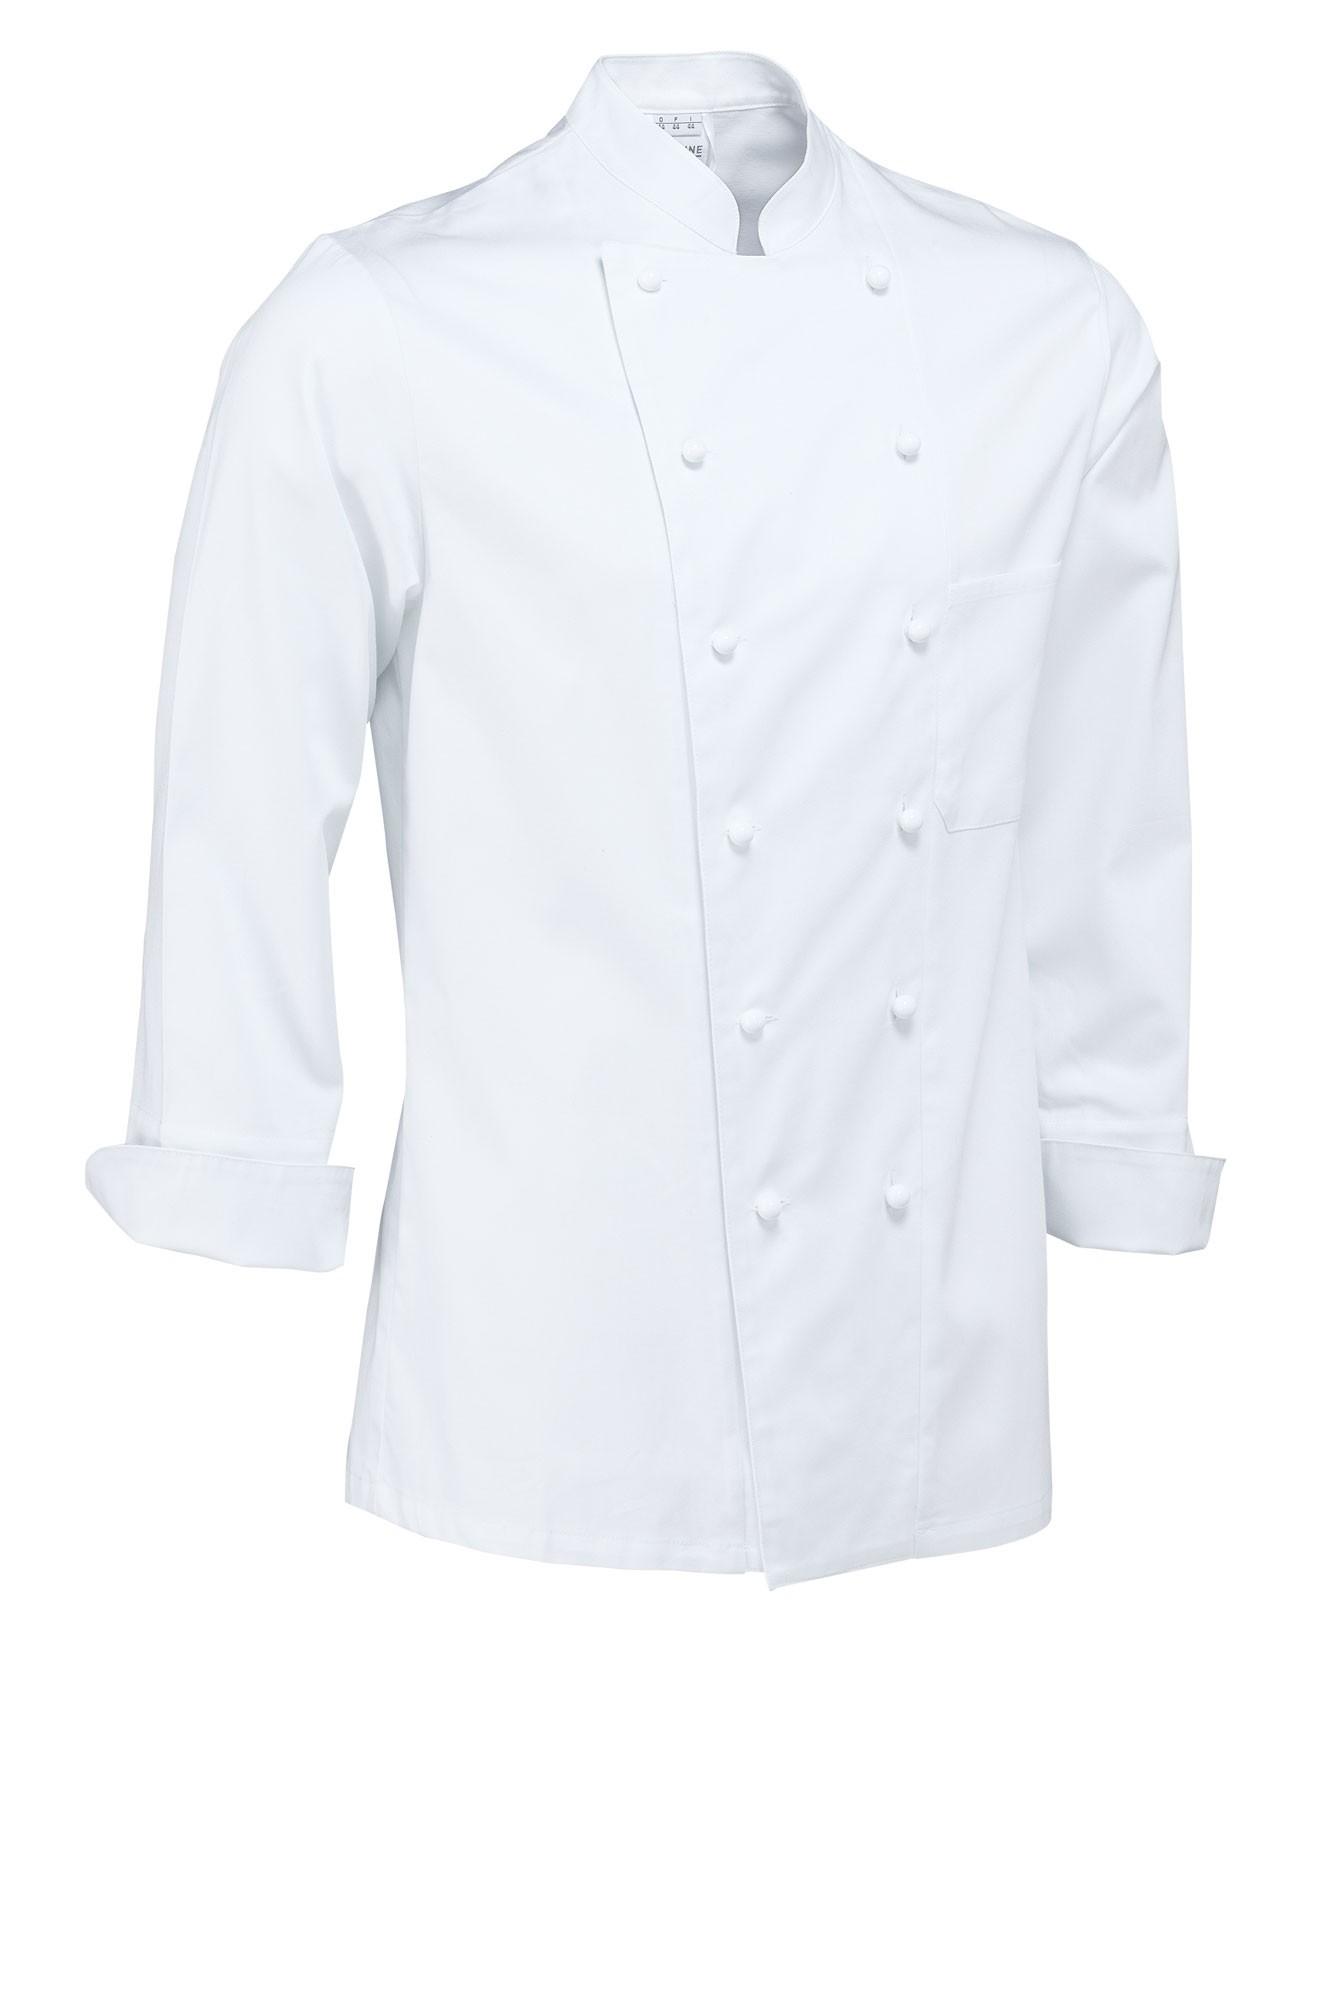 Rondon Samuel - dlouhý rukáv - bílá/bílé lemování